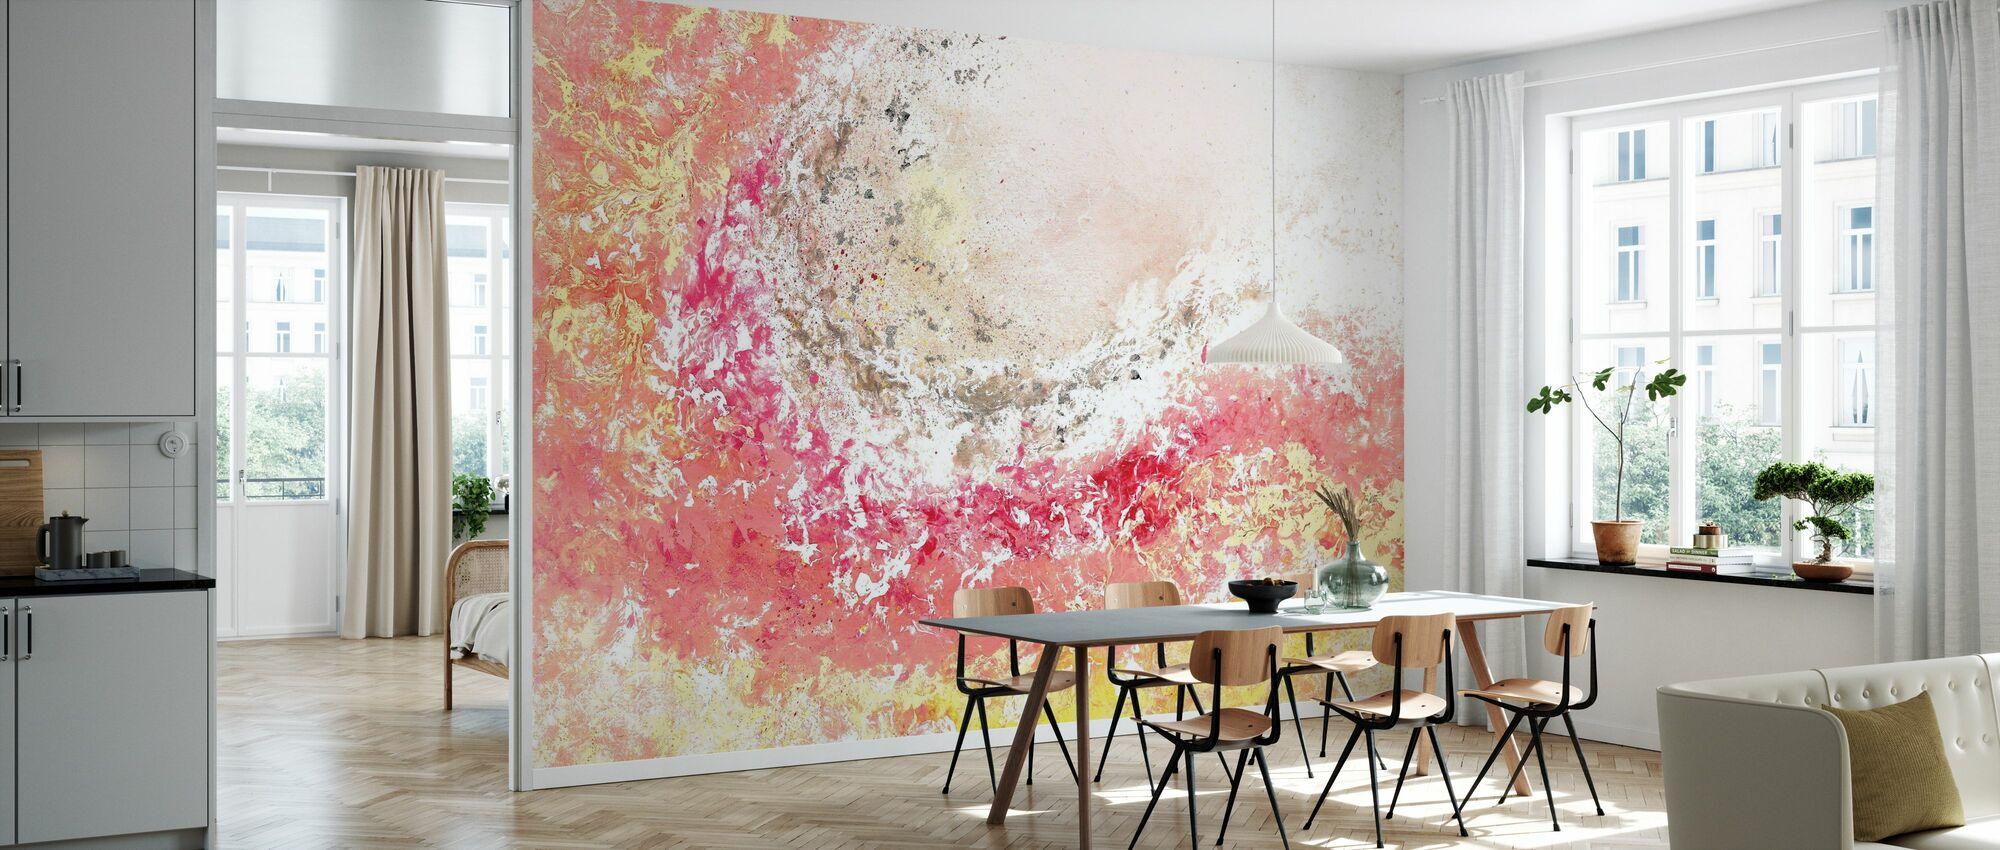 Springtide - Wallpaper - Kitchen